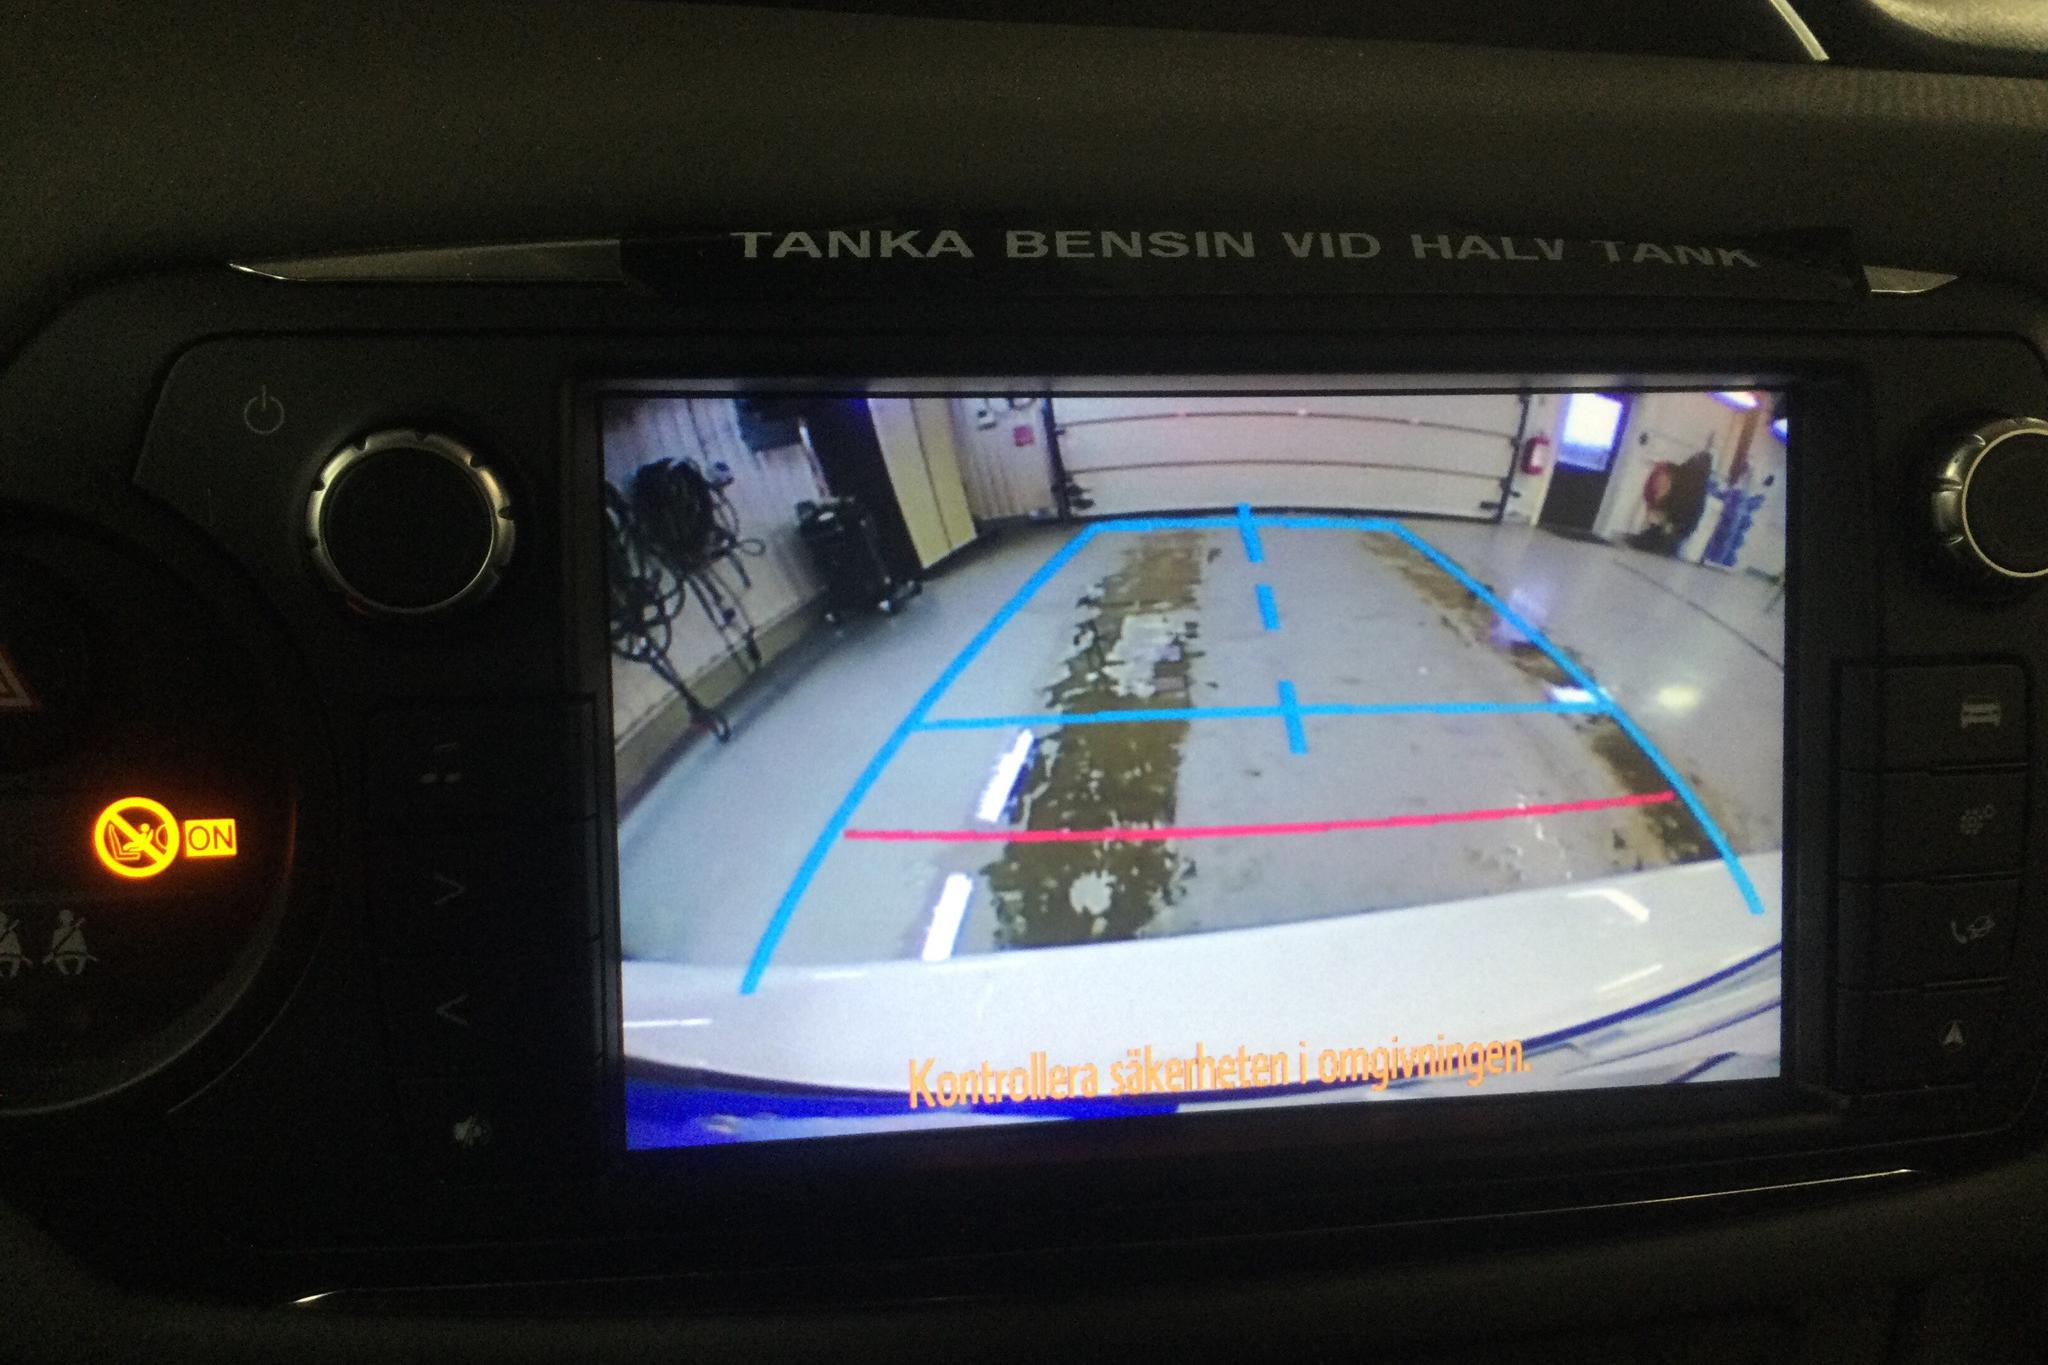 Toyota Yaris 1.5 HSD 5dr (75hk) - 61 020 km - Automatic - white - 2016